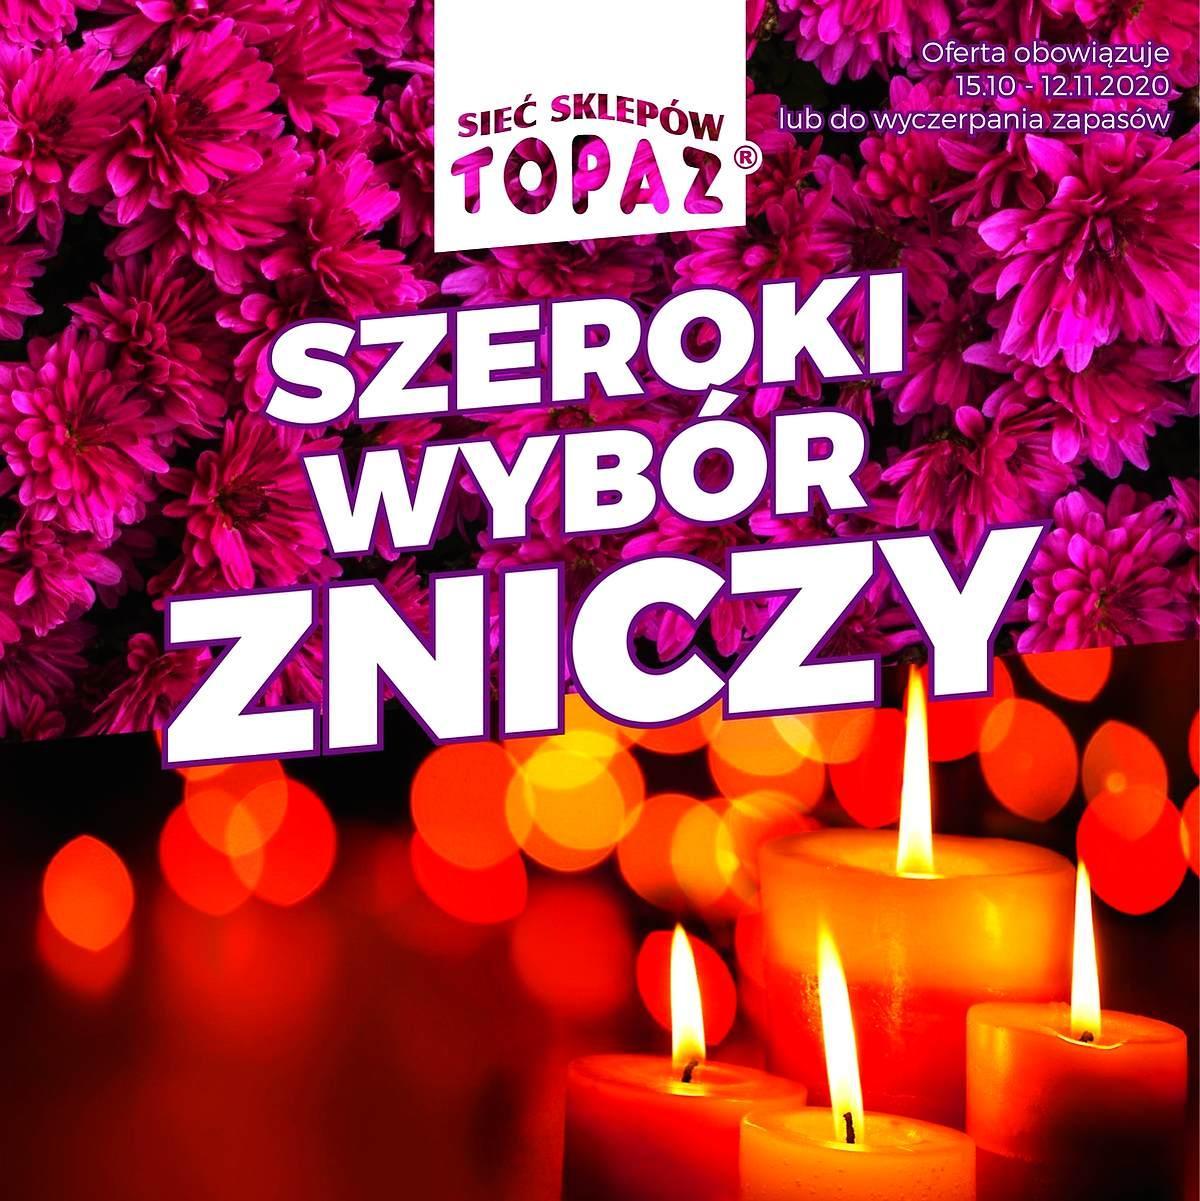 Gazetka promocyjna Topaz do 12/11/2020 str.1